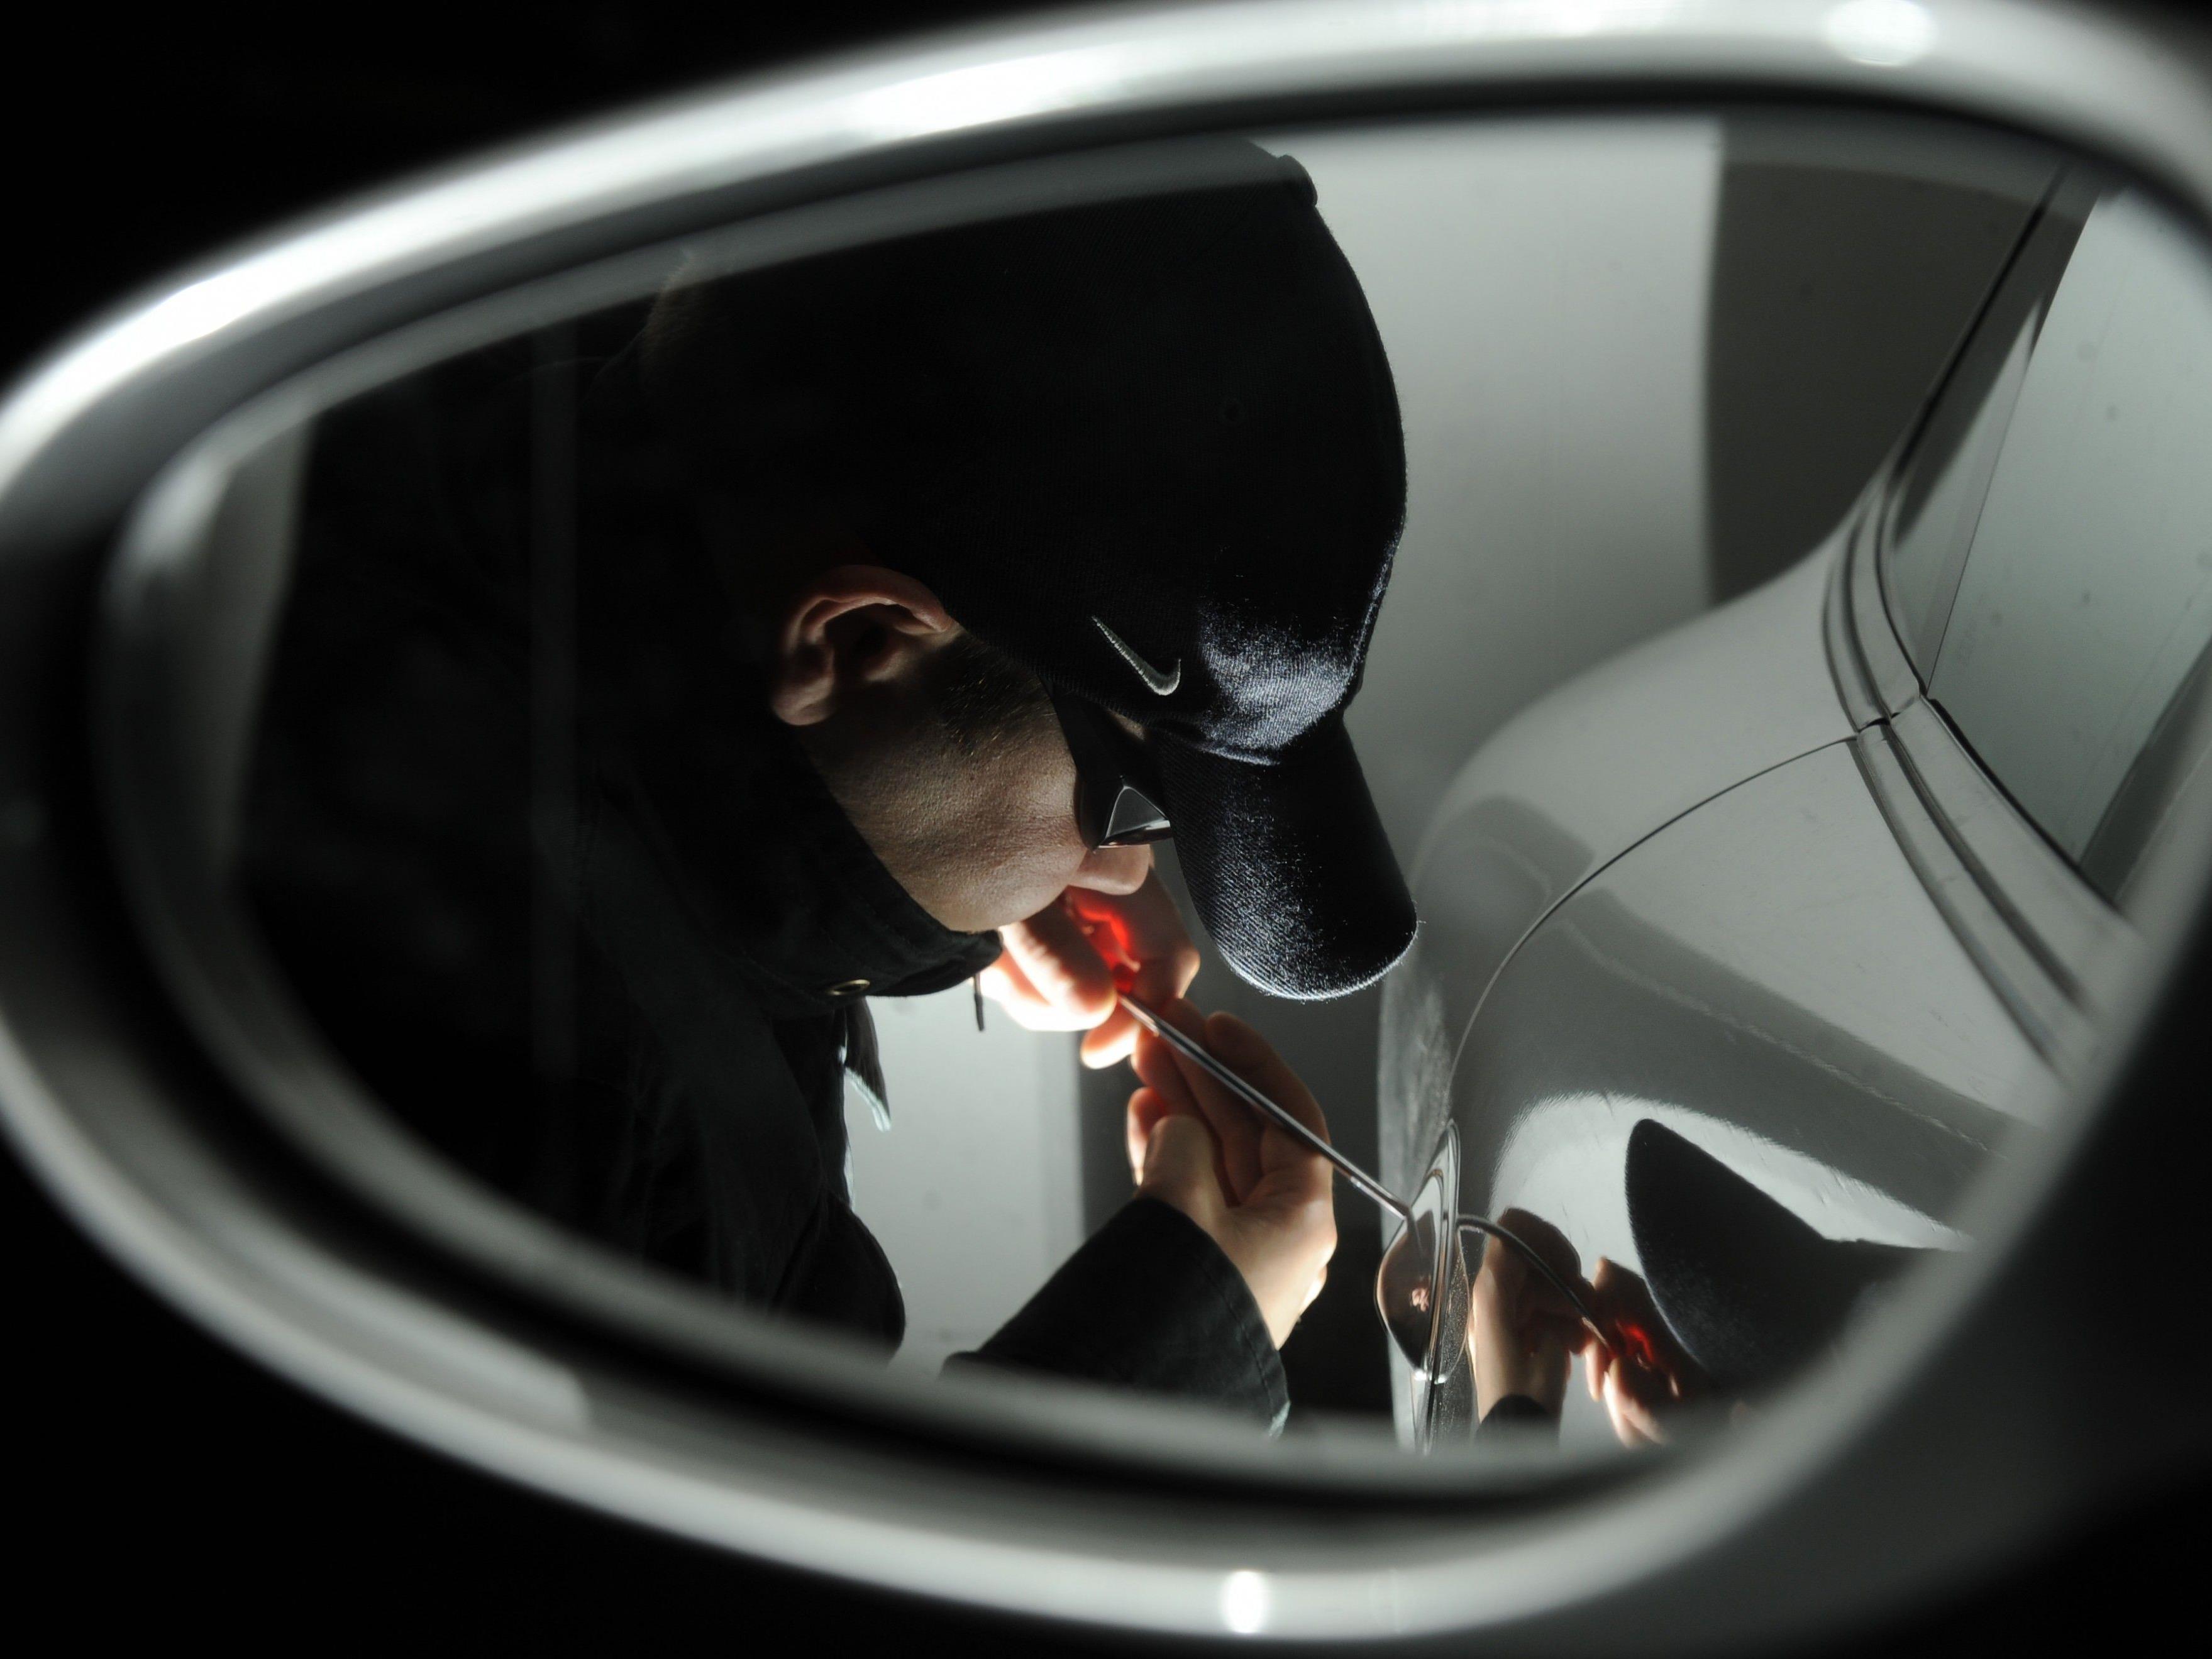 Ein PKW-Einbrecher wurde in Döbling verhaftet